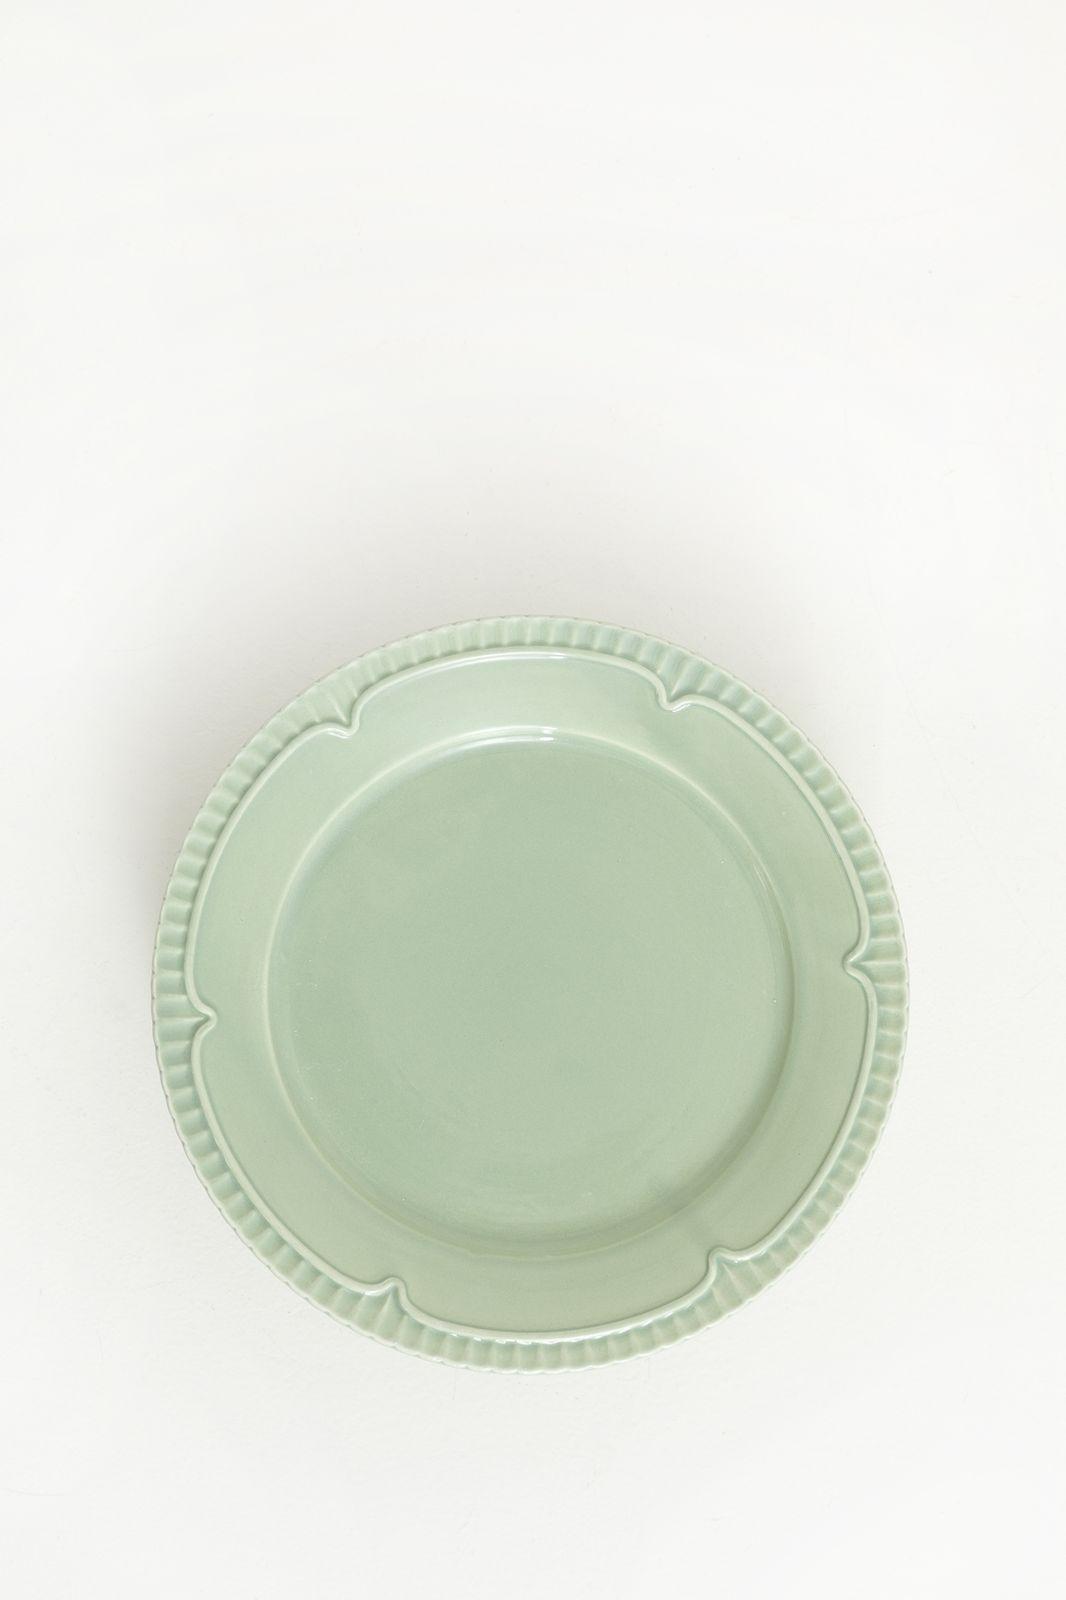 Groen aardewerk ontbijtbord